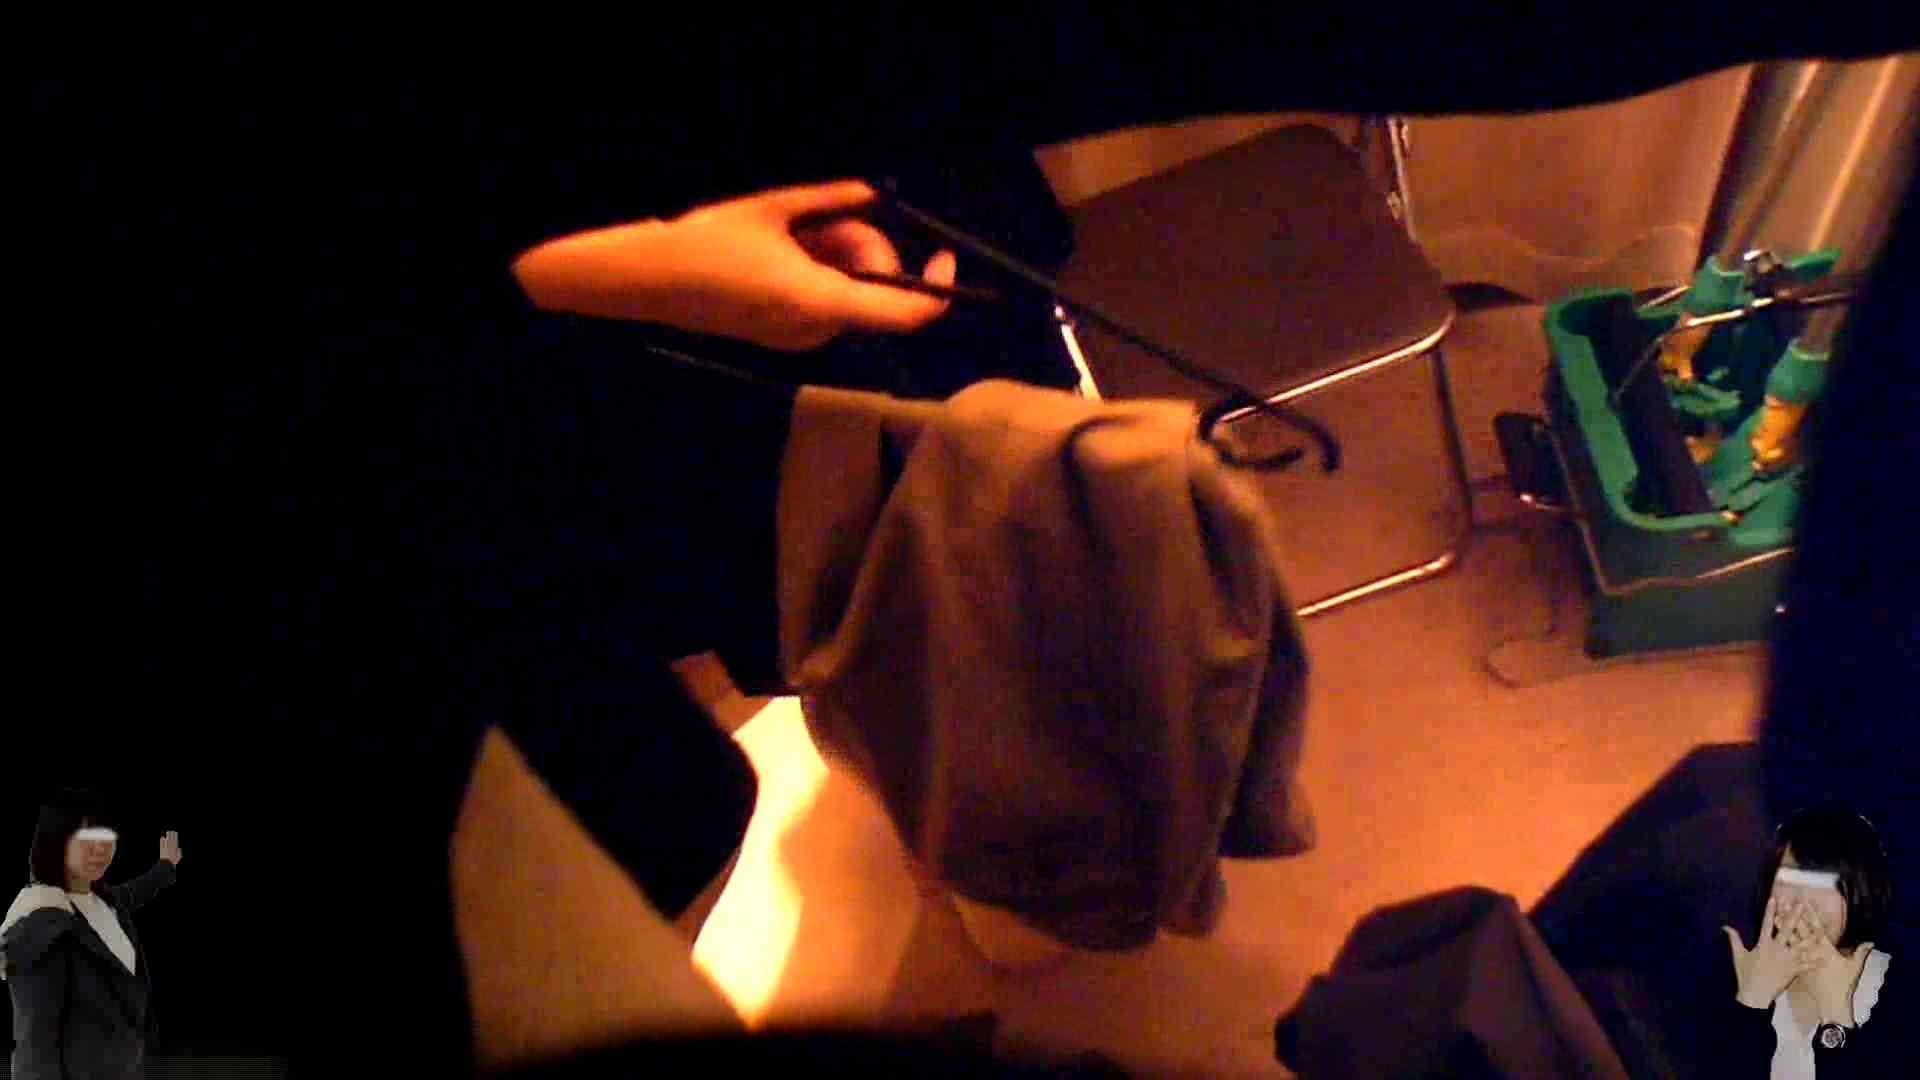 素人投稿 現役「JD」Eちゃんの着替え Vol.04 女子着替え | 投稿  65pic 60